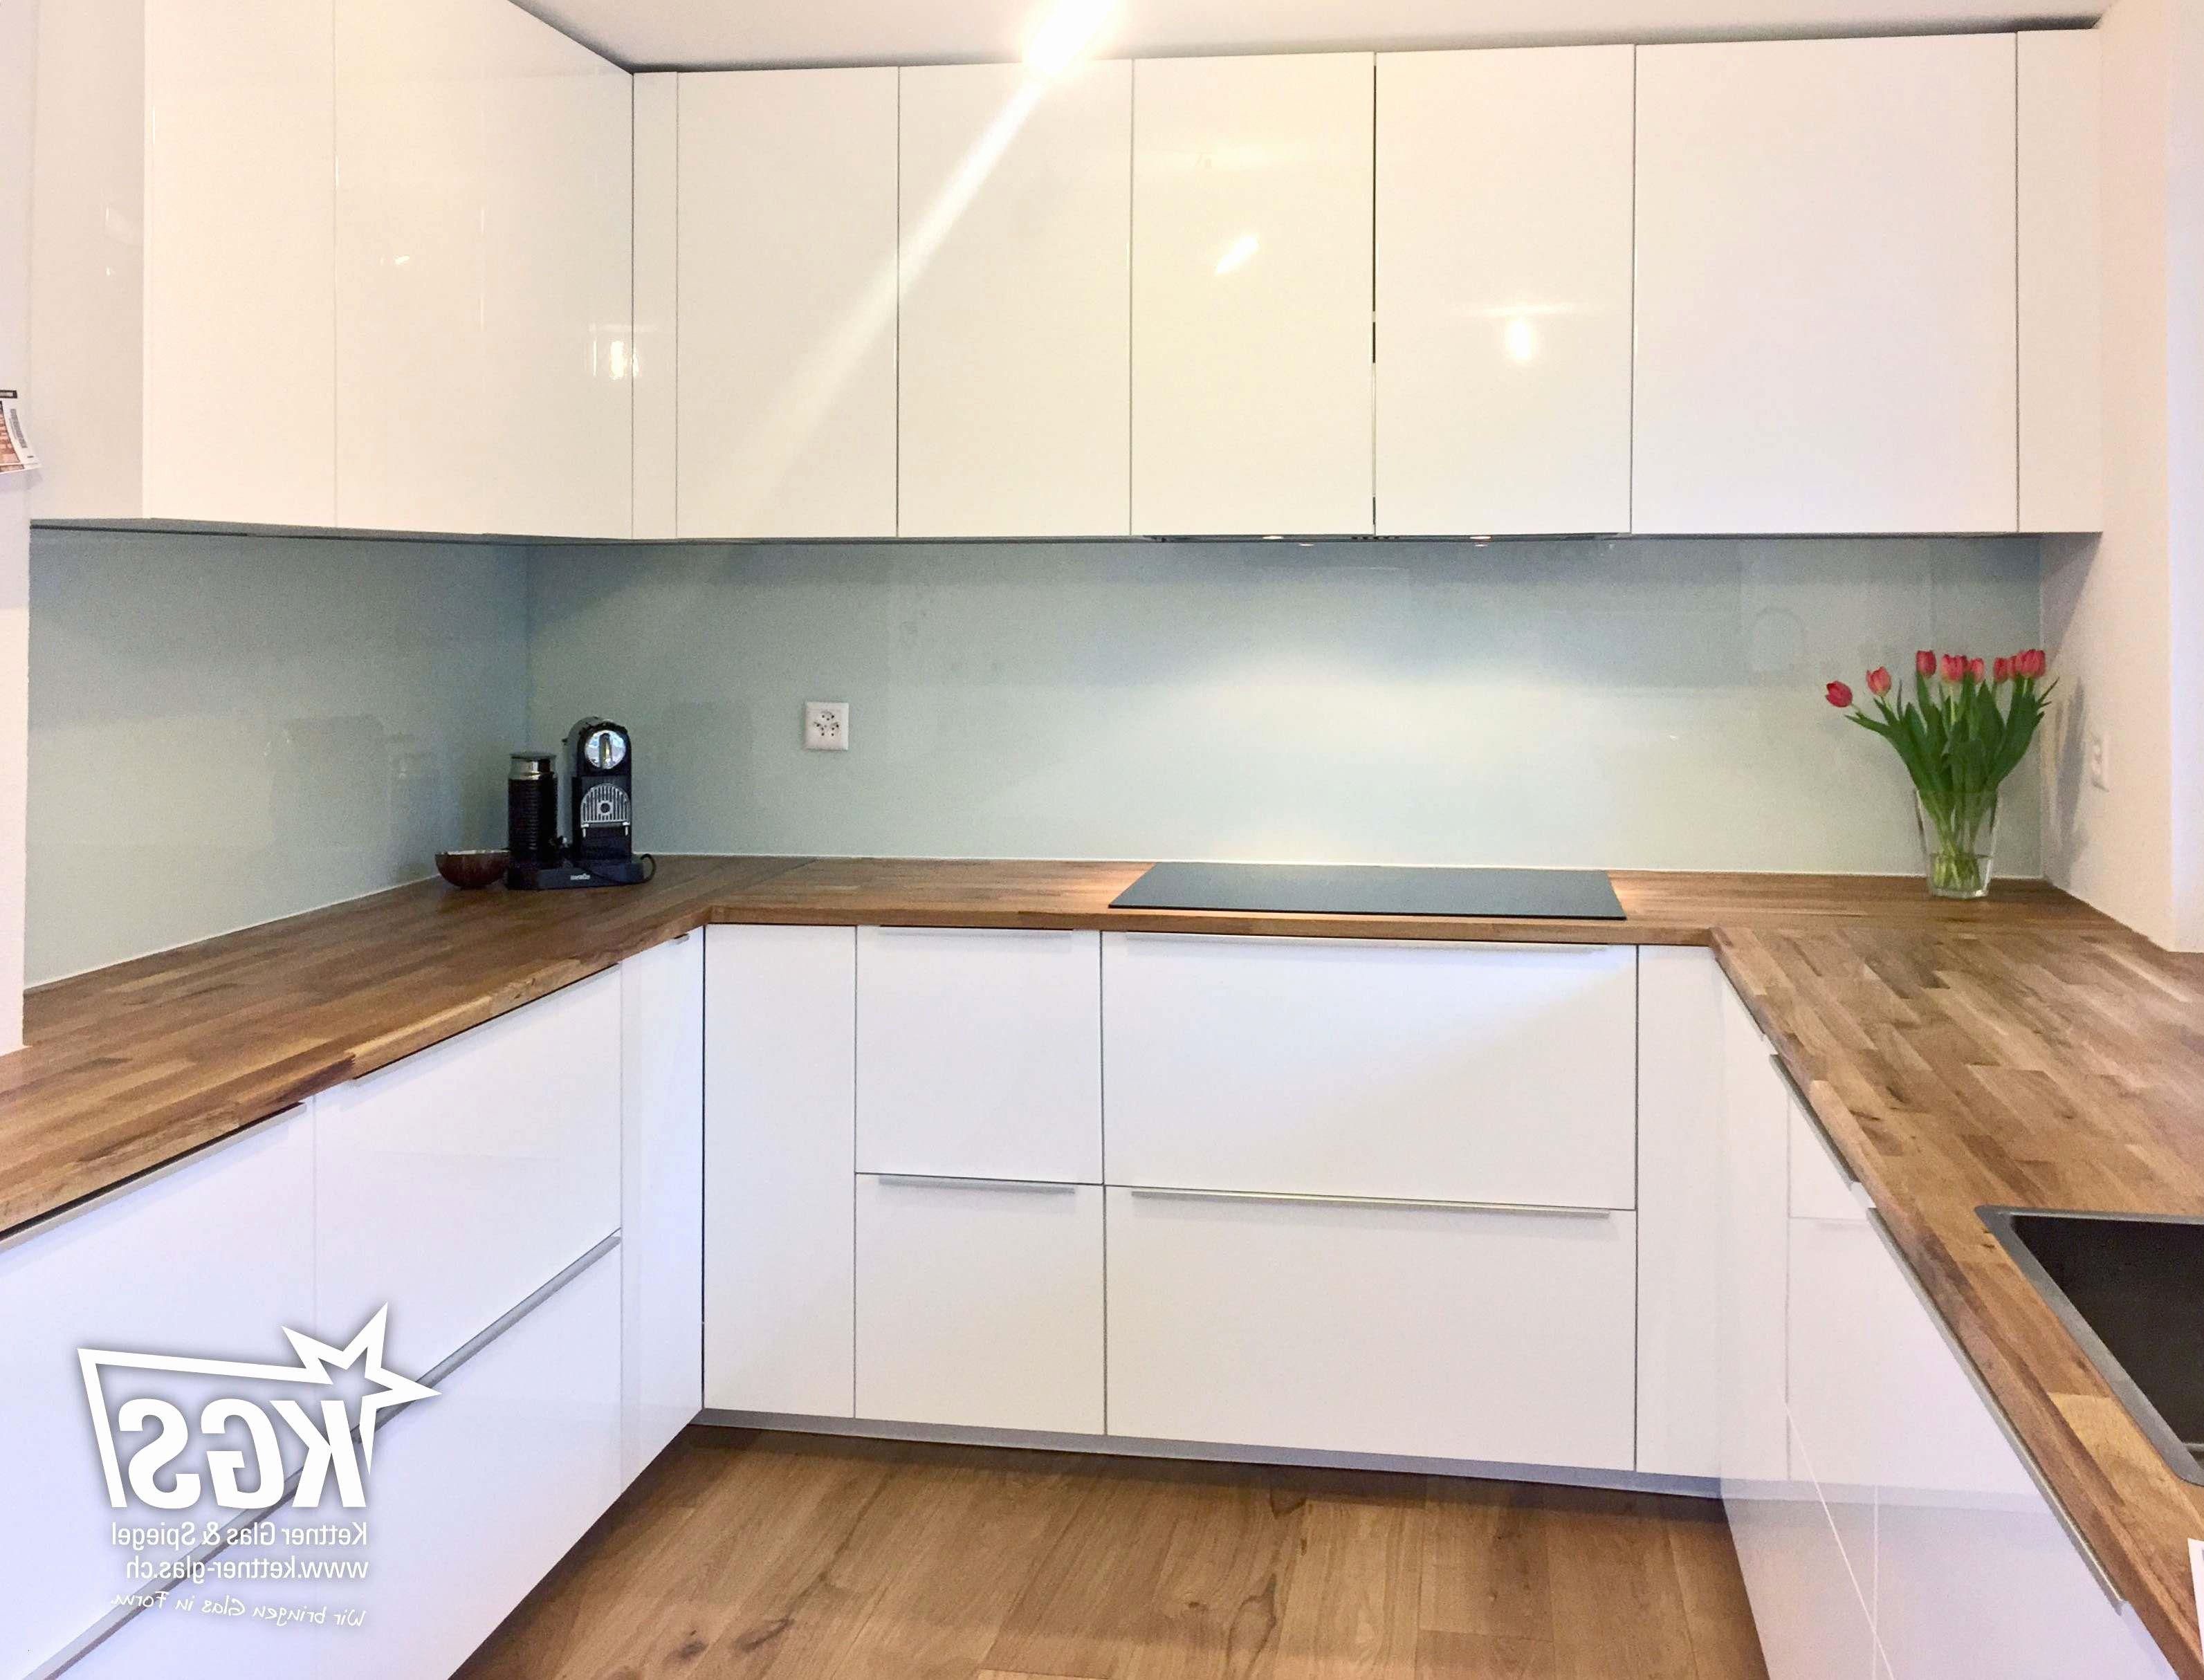 Ideen Spritzschutz Küche Ikea